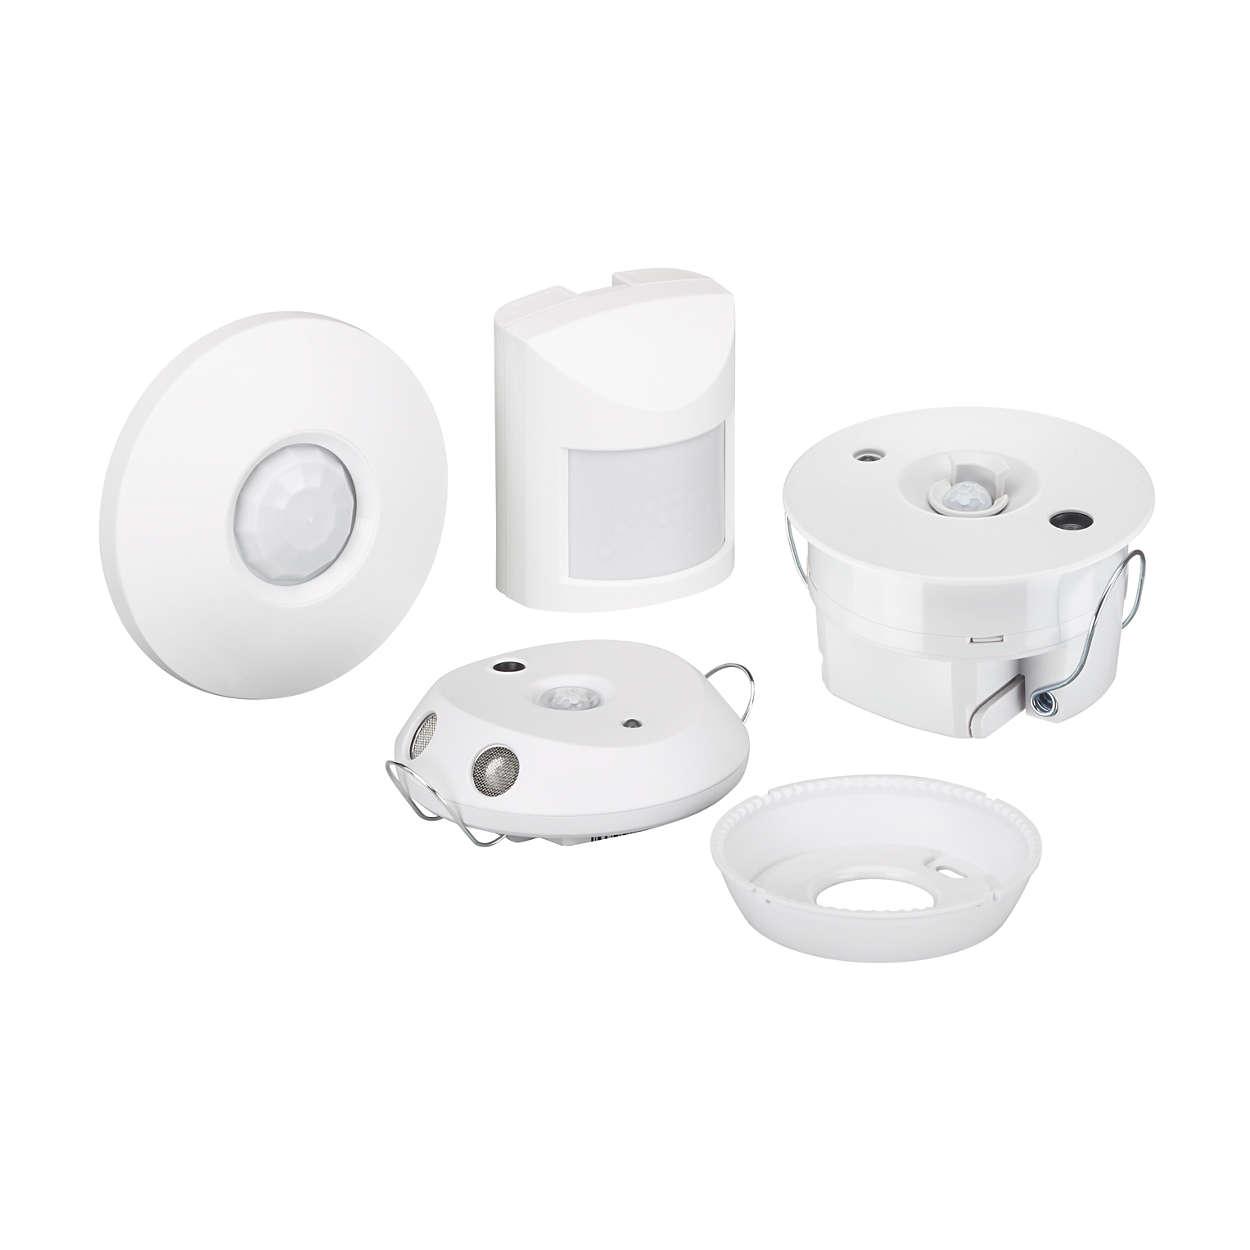 Dynalite Sensors